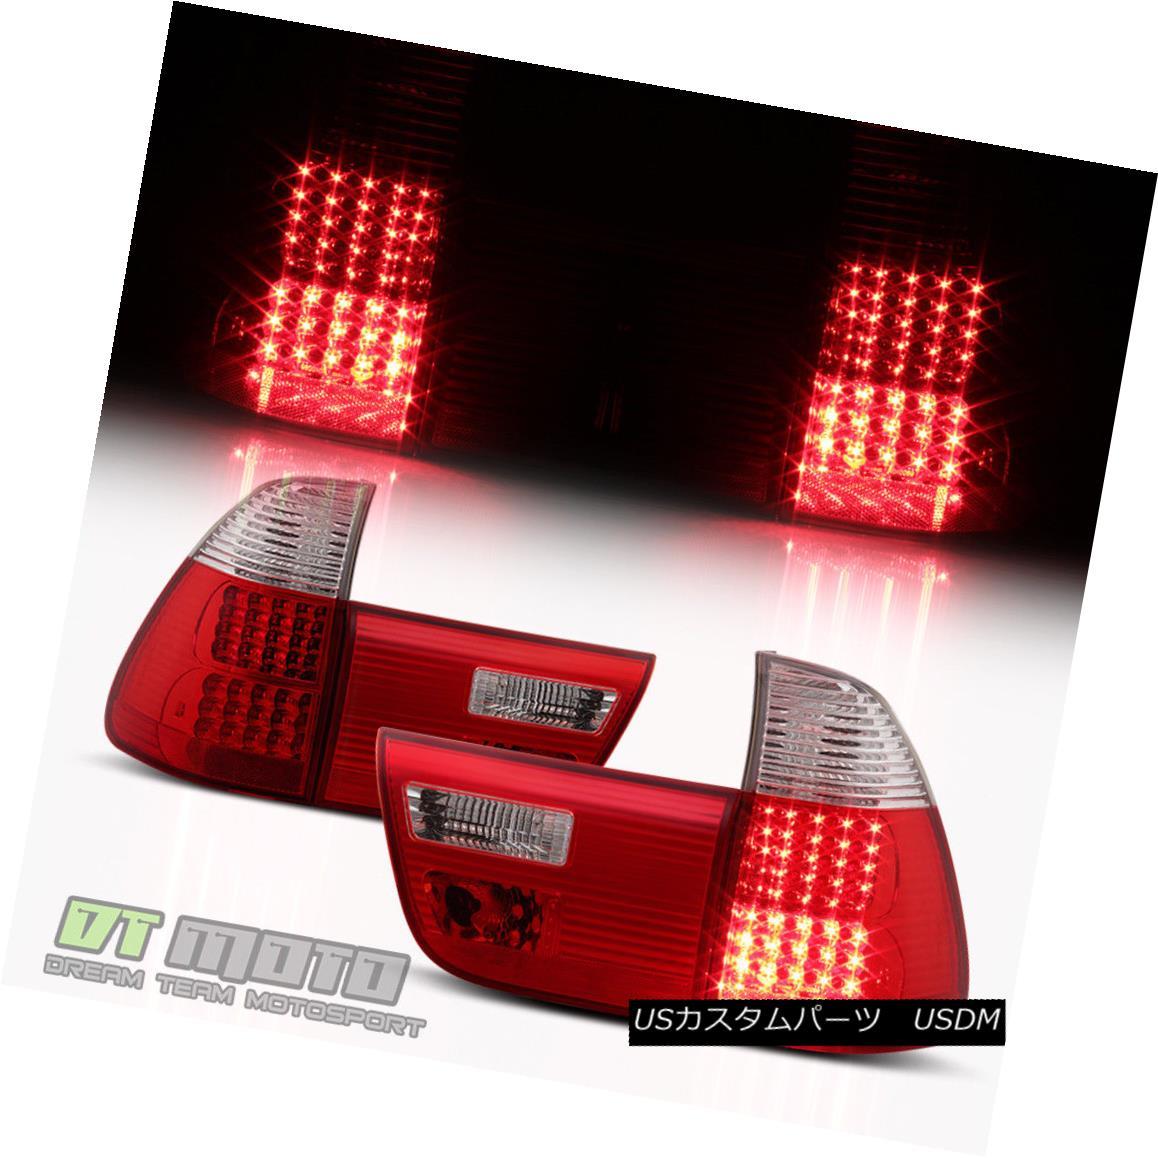 テールライト 2000-2006 BMW E53 X5 Exotic Red LED Tail Lights Brake Lamps 00-06 Set Left+Right 2000-2006 BMW E53 X5エキゾチックレッドLEDテールライトブレーキランプ00-06セット左+右